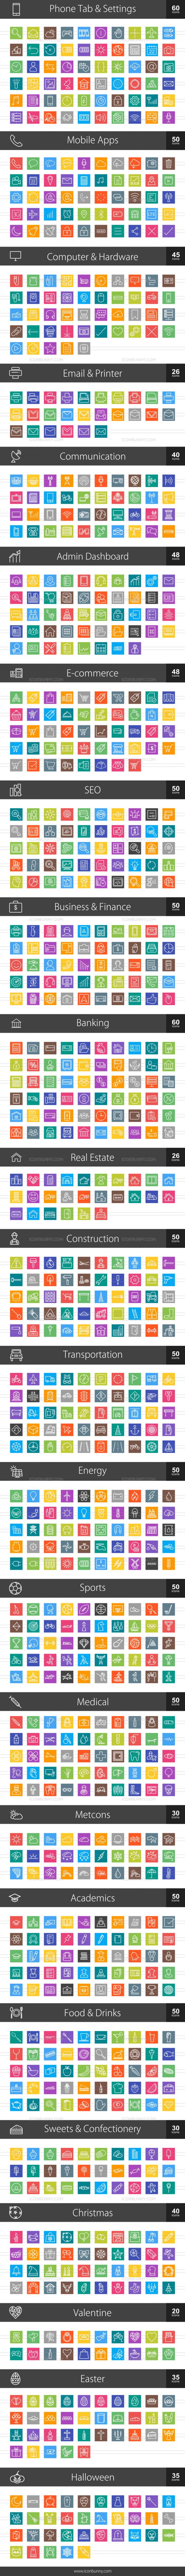 1044 Line Multicolor B/G Icons Bundle - Preview - IconBunny